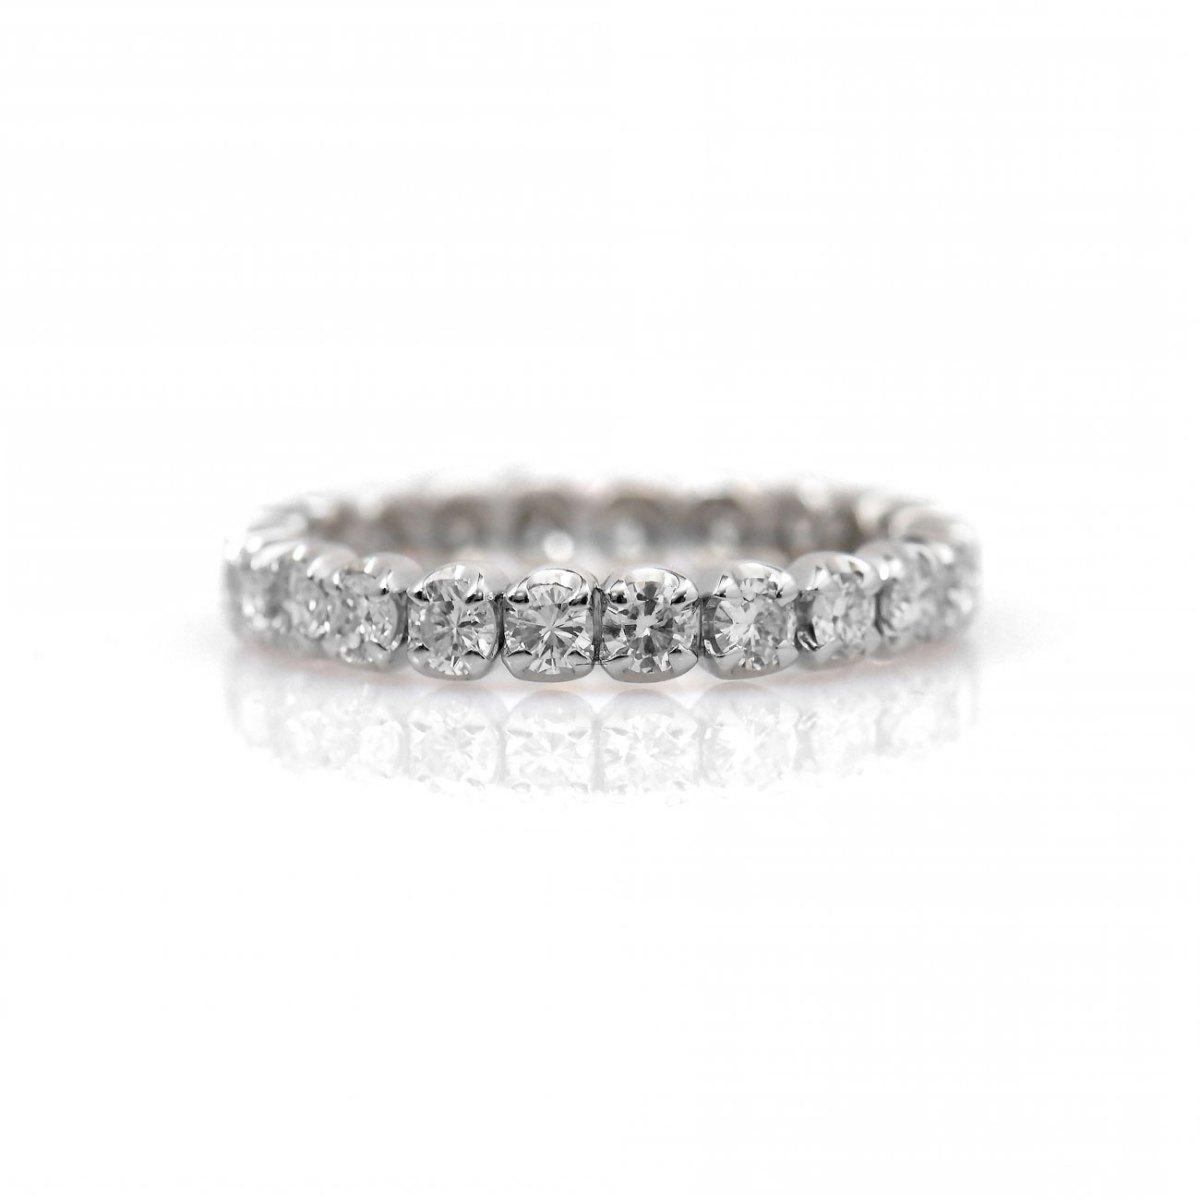 Bague alliance américaine 22 diamants 1,21ct, sertis griffes, or blanc 750 ‰ | Réf : BA-B17478 | EVENOR Joaillerie • Bijoux neufs, bijoux Vintage